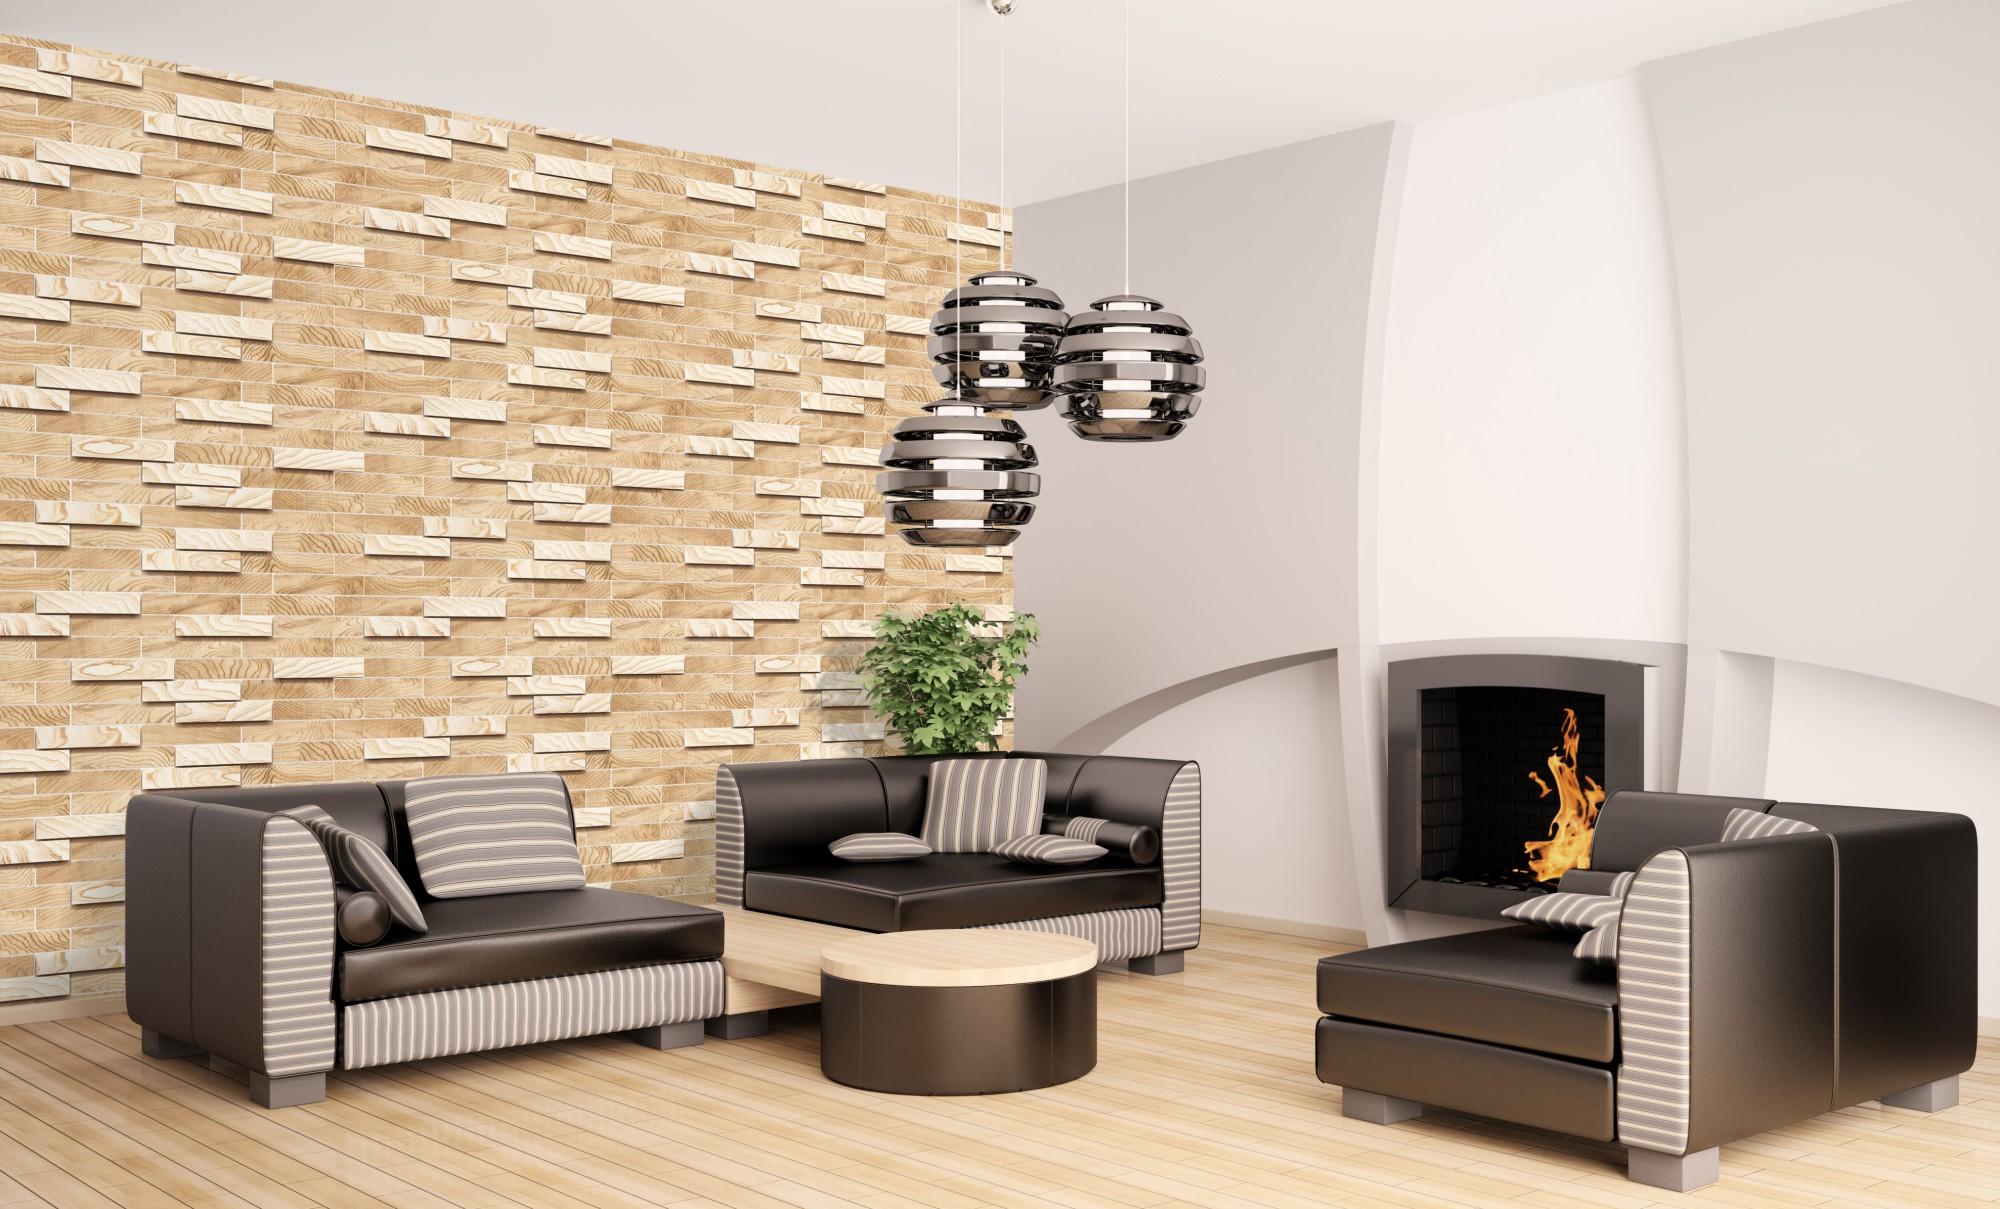 1 PVC Dekorplatte Mosaic Wandverkleidung Platten Wand 98x48cm, ALDER